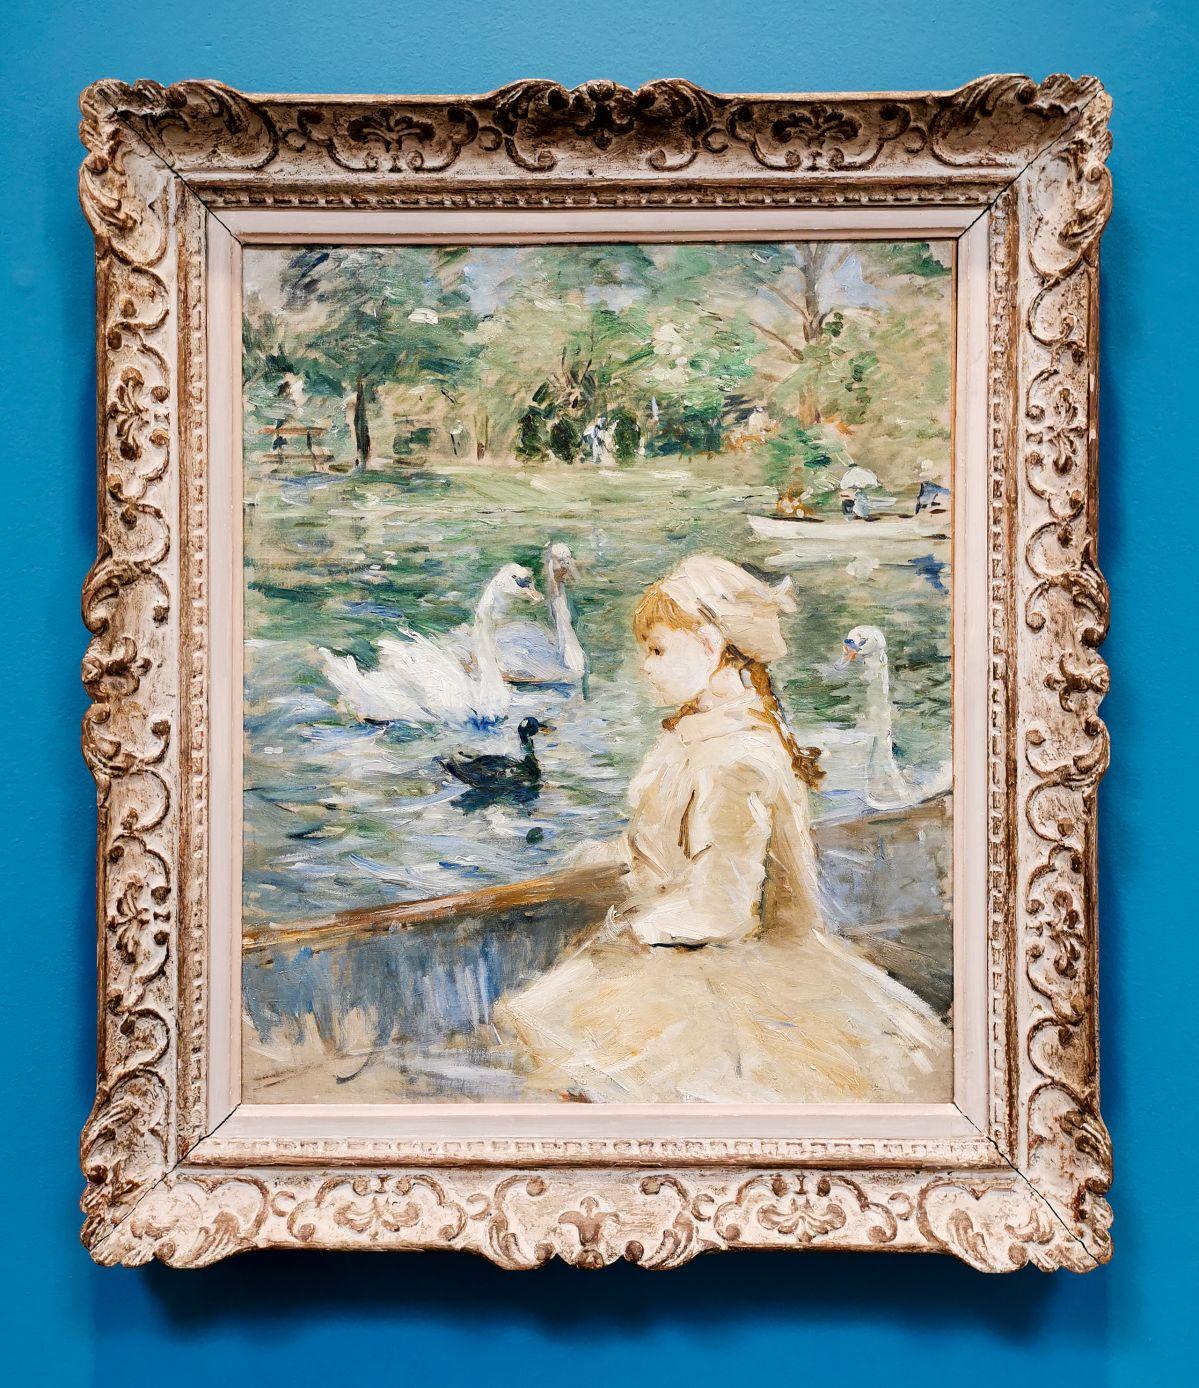 Berthe Morizot - Sur le lac, 1884 - Paul Valéry et les peintres - Le cercle familial - Musée Paul Valéry à Sète